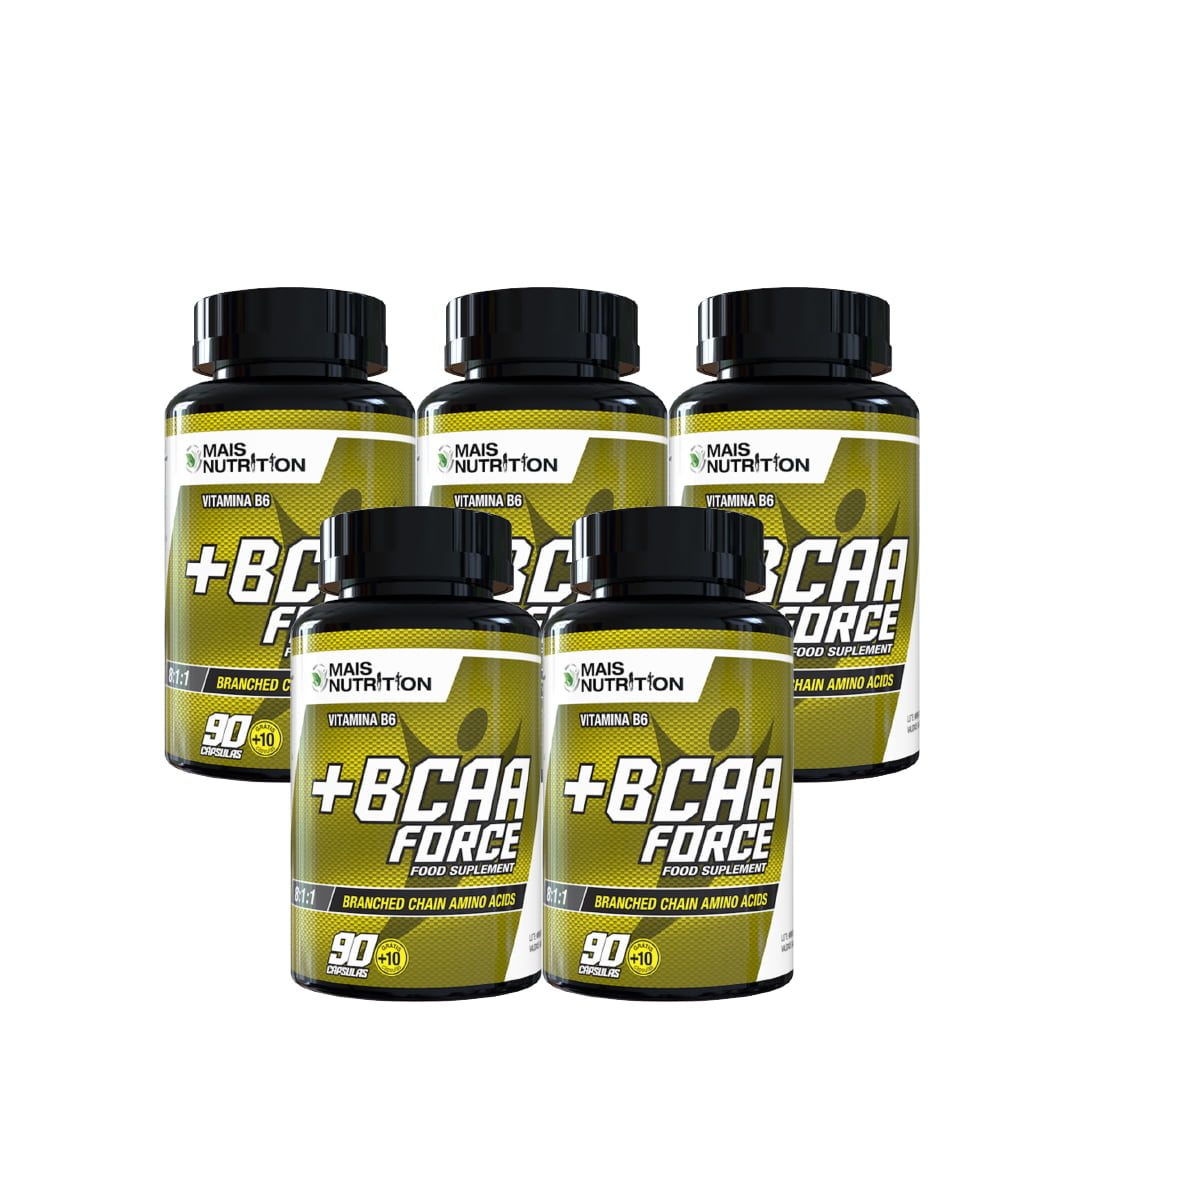 5 unidades de BCAA Force 8:1:1 100 capsulas Mais Nutrition